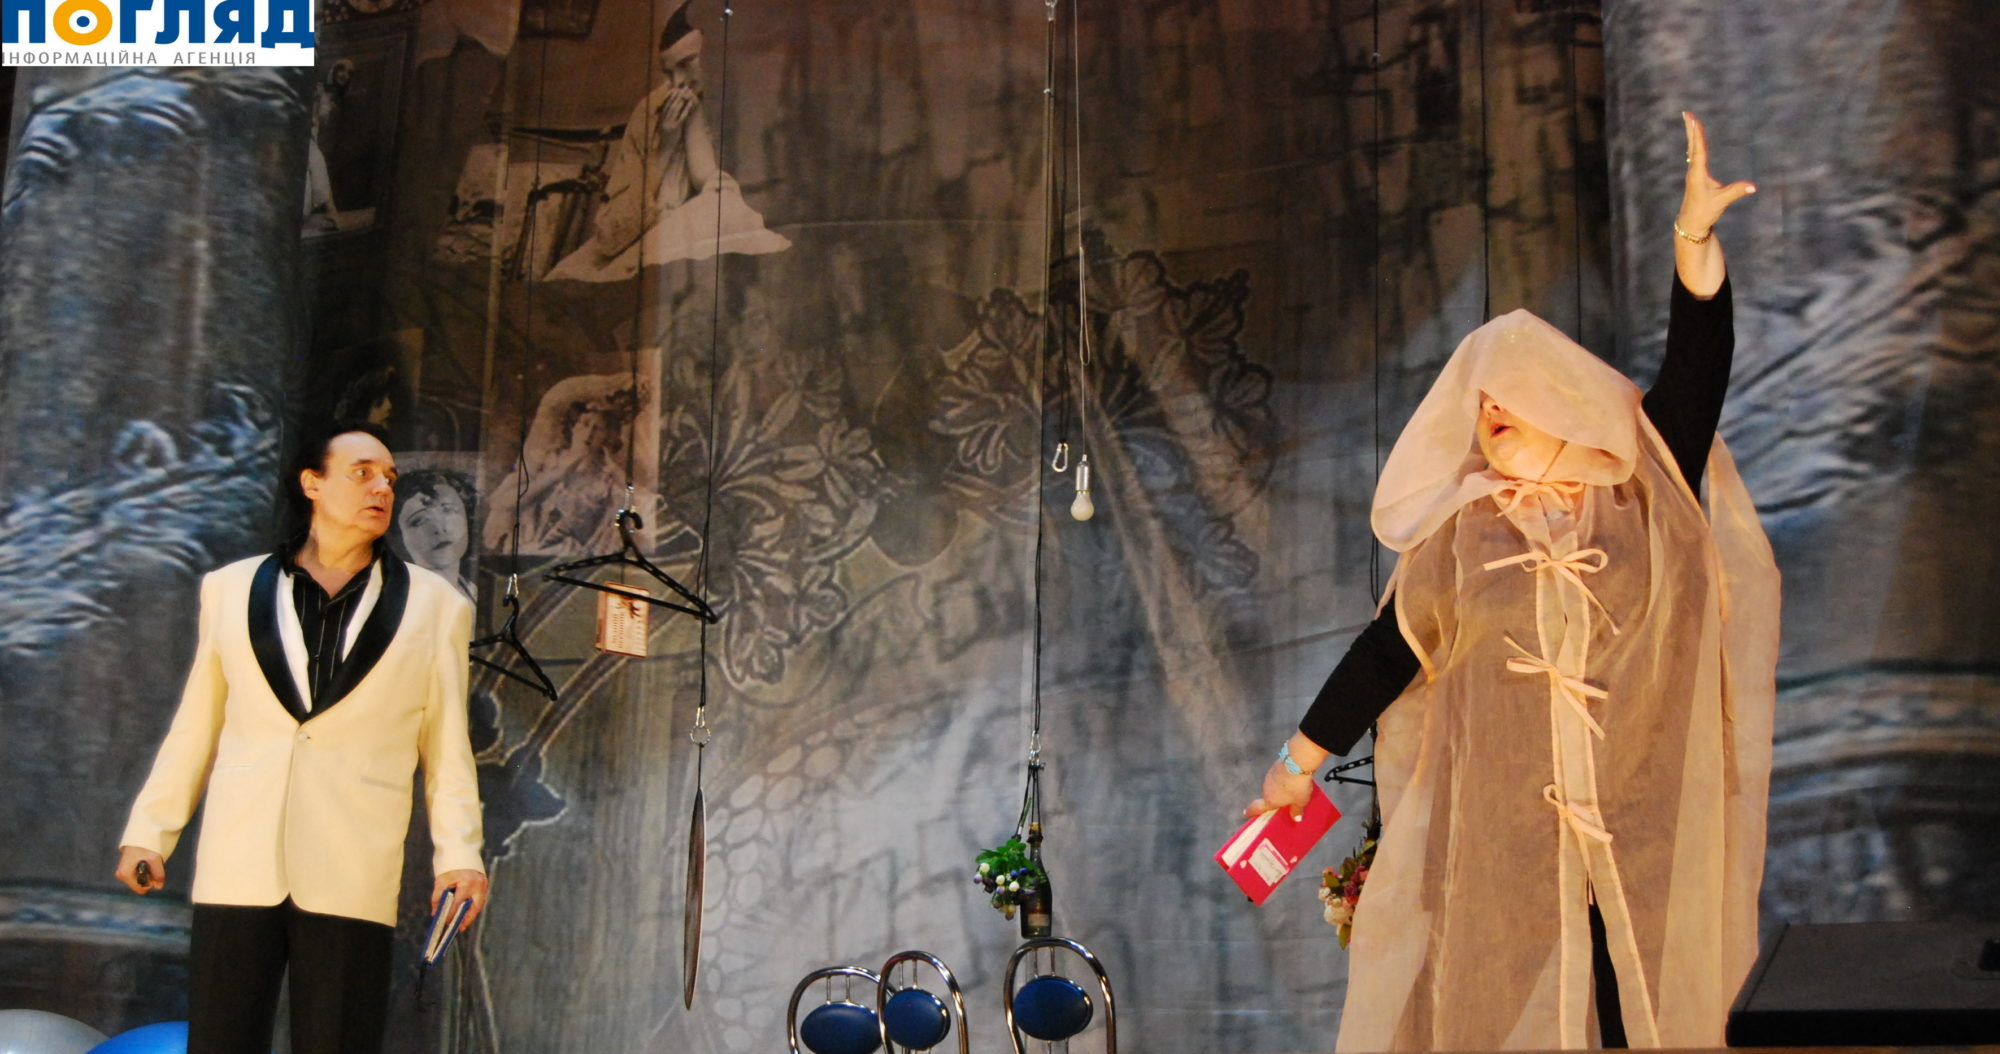 Допрем'єрний показ вистави за участі зірок театру і кіно вперше у Василькові -  - 000DSC 3702 2000x1054